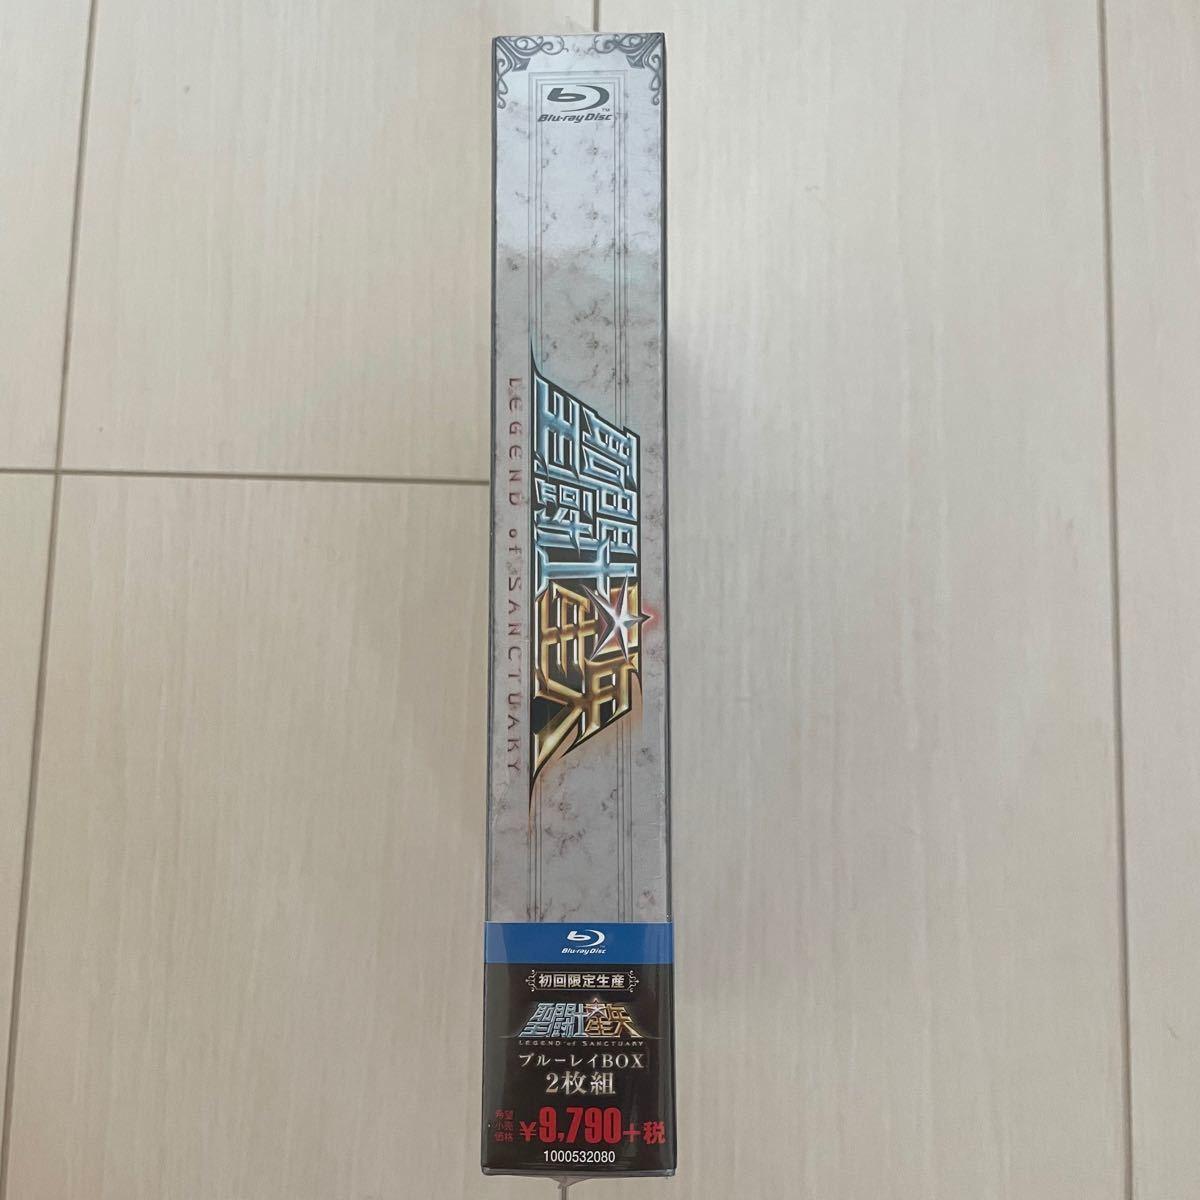 新品未開封 聖闘士星矢 LEGEND of SANCTUARY DVDブルーレイBOX 初回限定生産・2枚組 Blu-ray